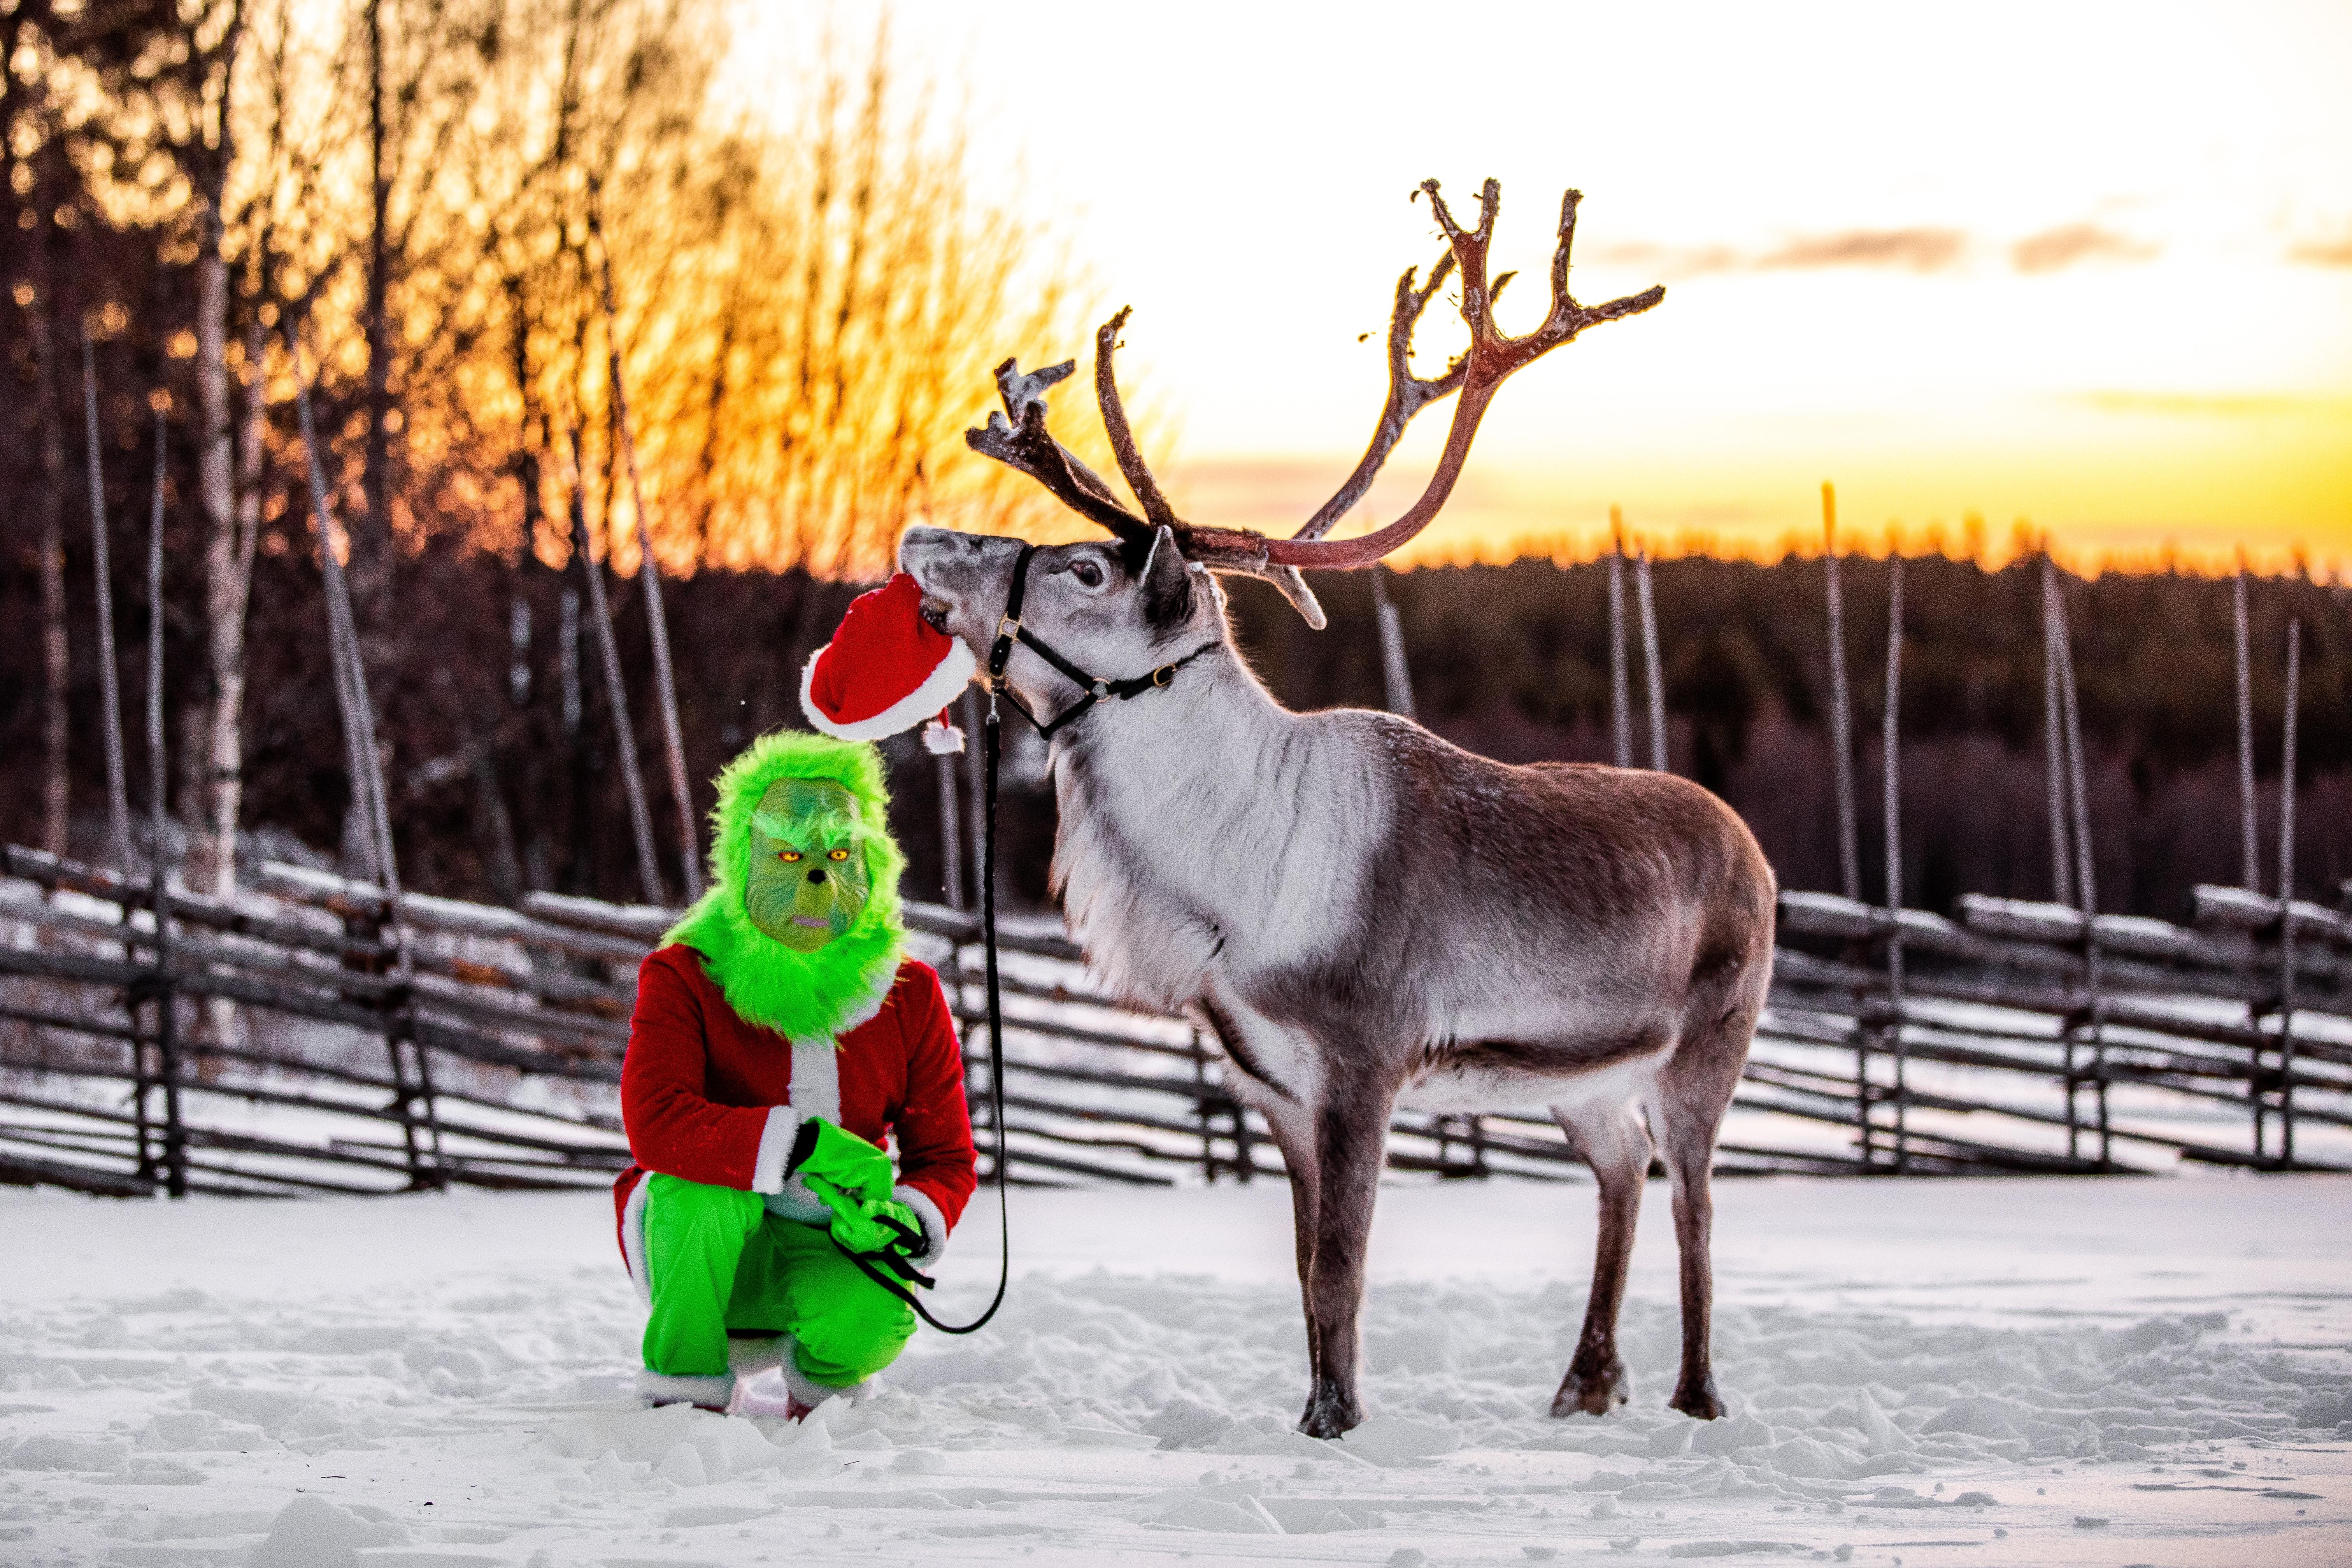 grinchen-ullis-rudolf-vide-kluk-reindeer-renevent-fred-renar